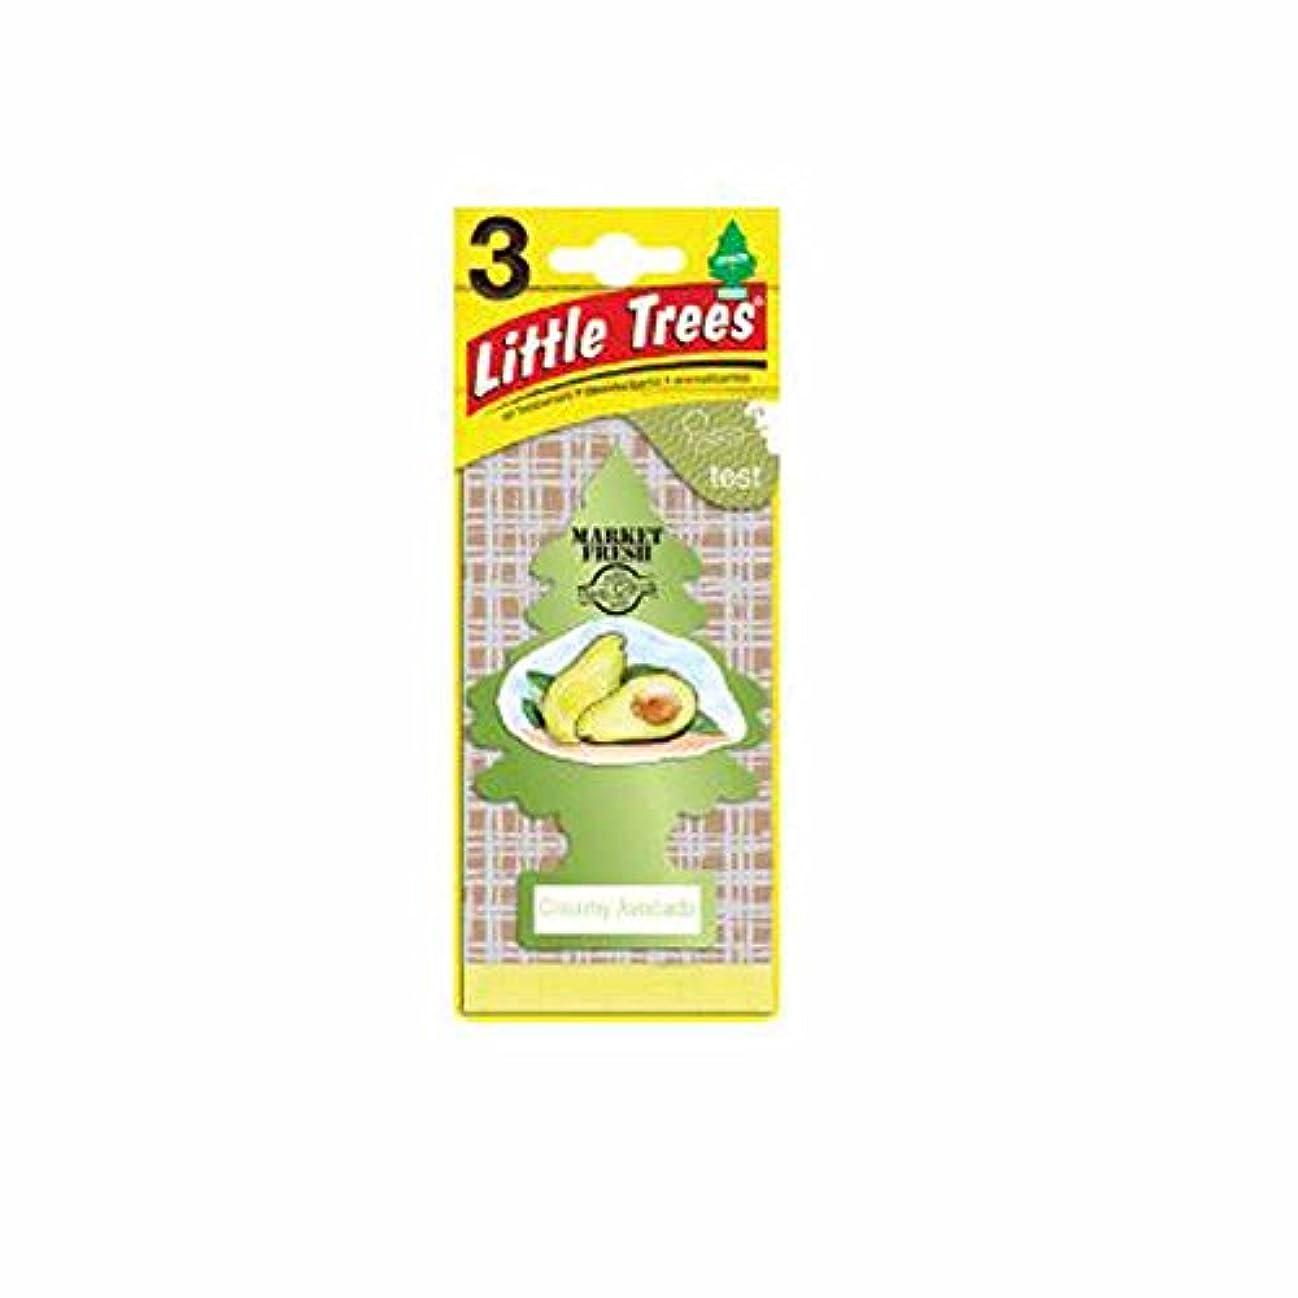 サイドボード愛セールスマンLittle Trees 吊下げタイプ エアーフレッシュナー creamy avocado(クリーミーアボカド) 3枚セット(3P) U3S-37340